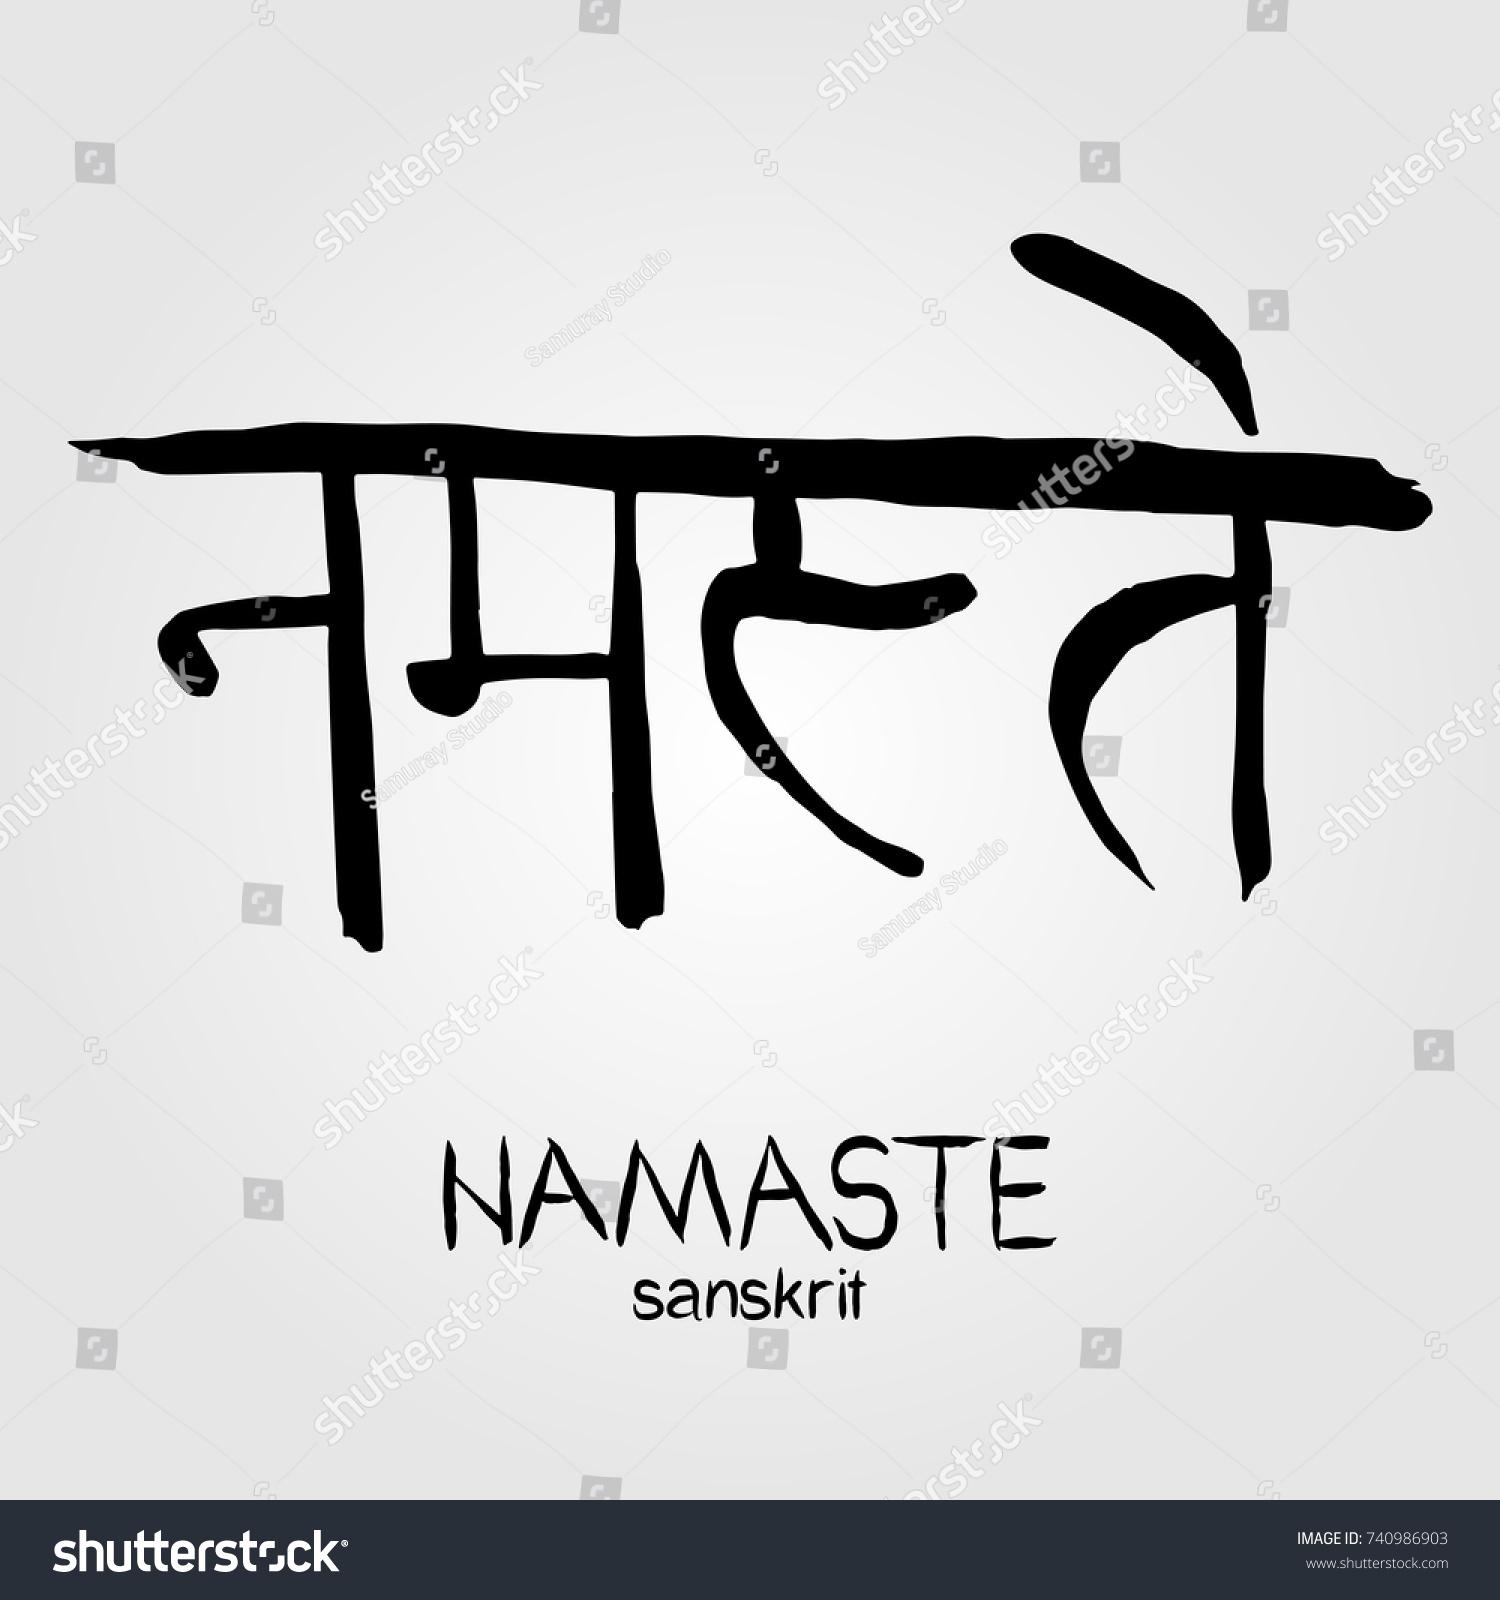 Sanskrit Calligraphy Font Namaste Translation Reverence Stock Vector